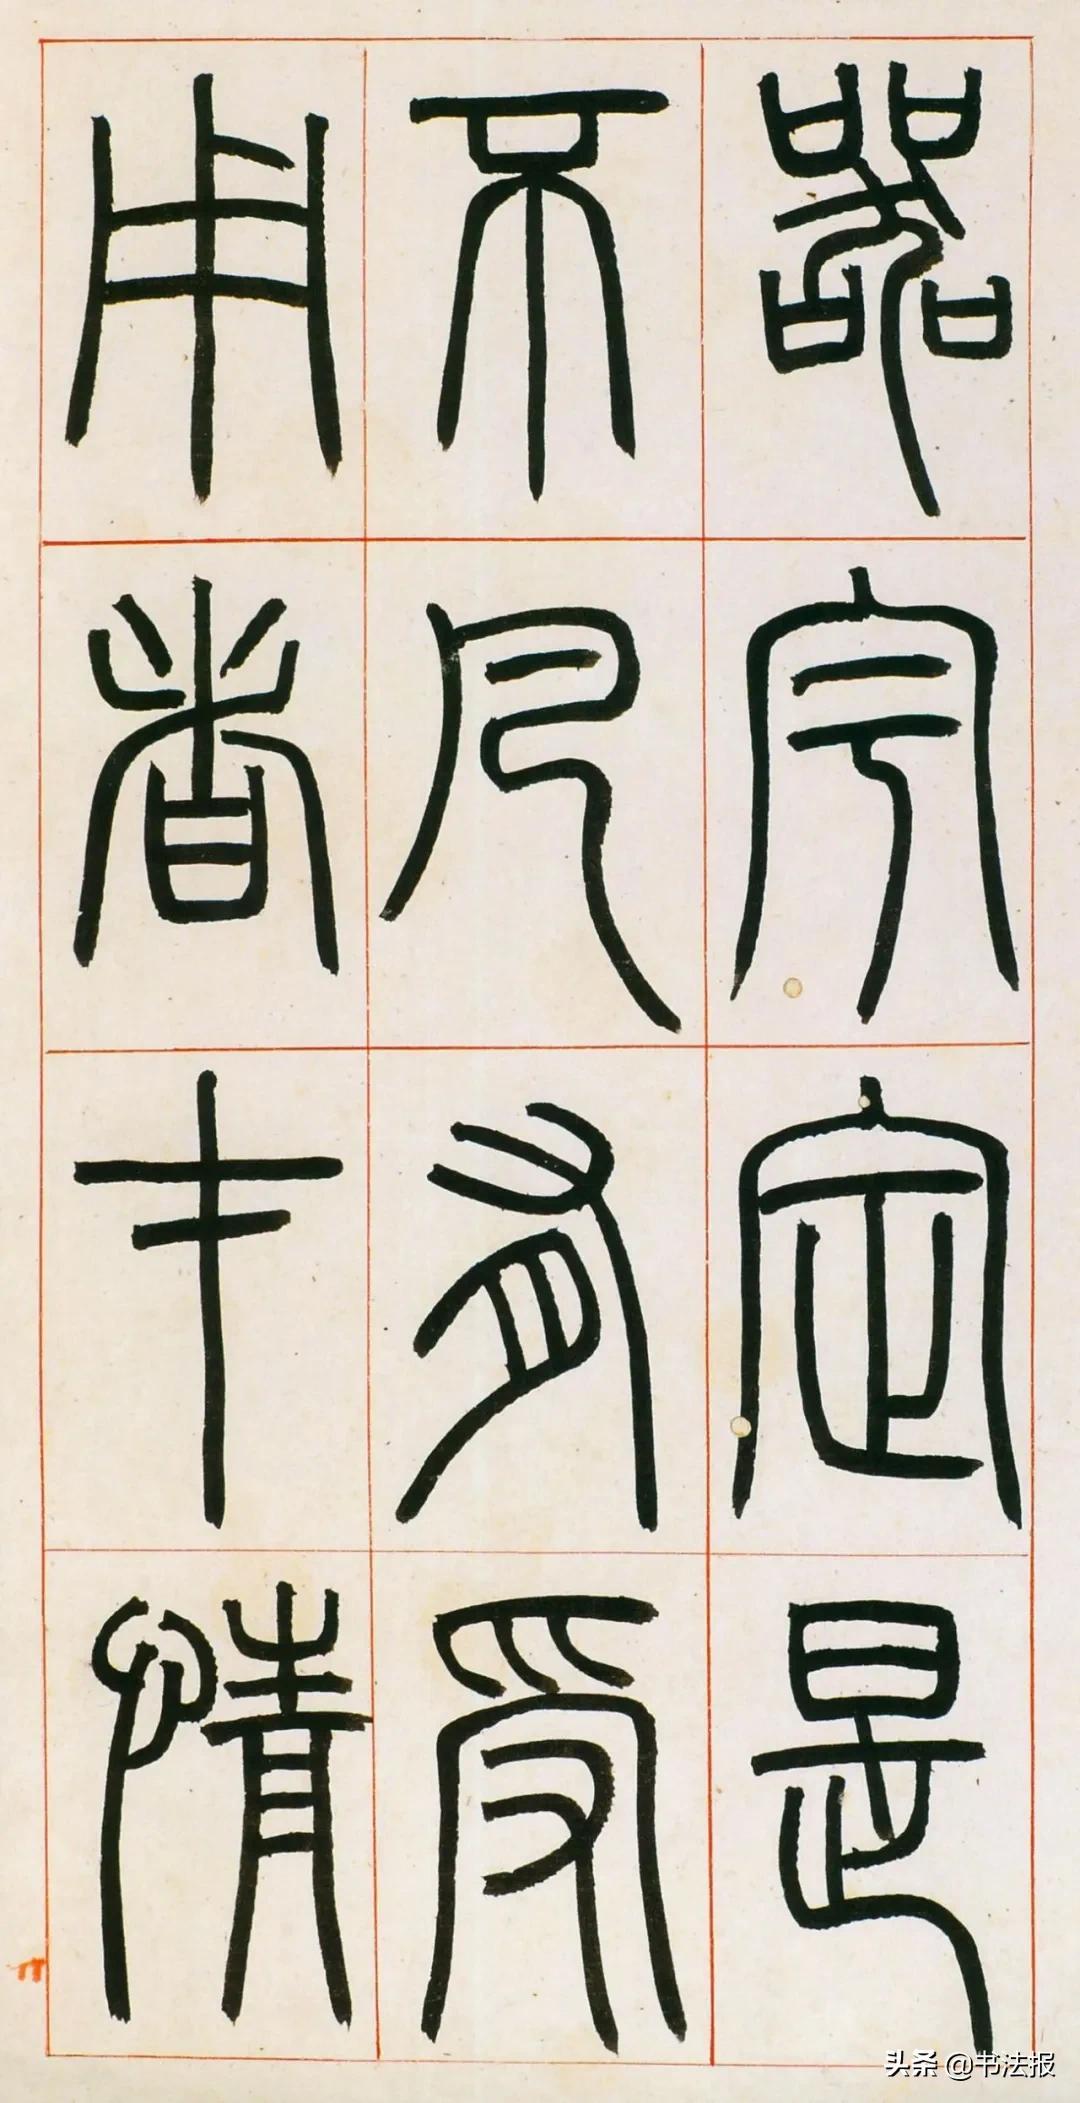 邓石如篆书《八闼册》,高清大图,值得细品